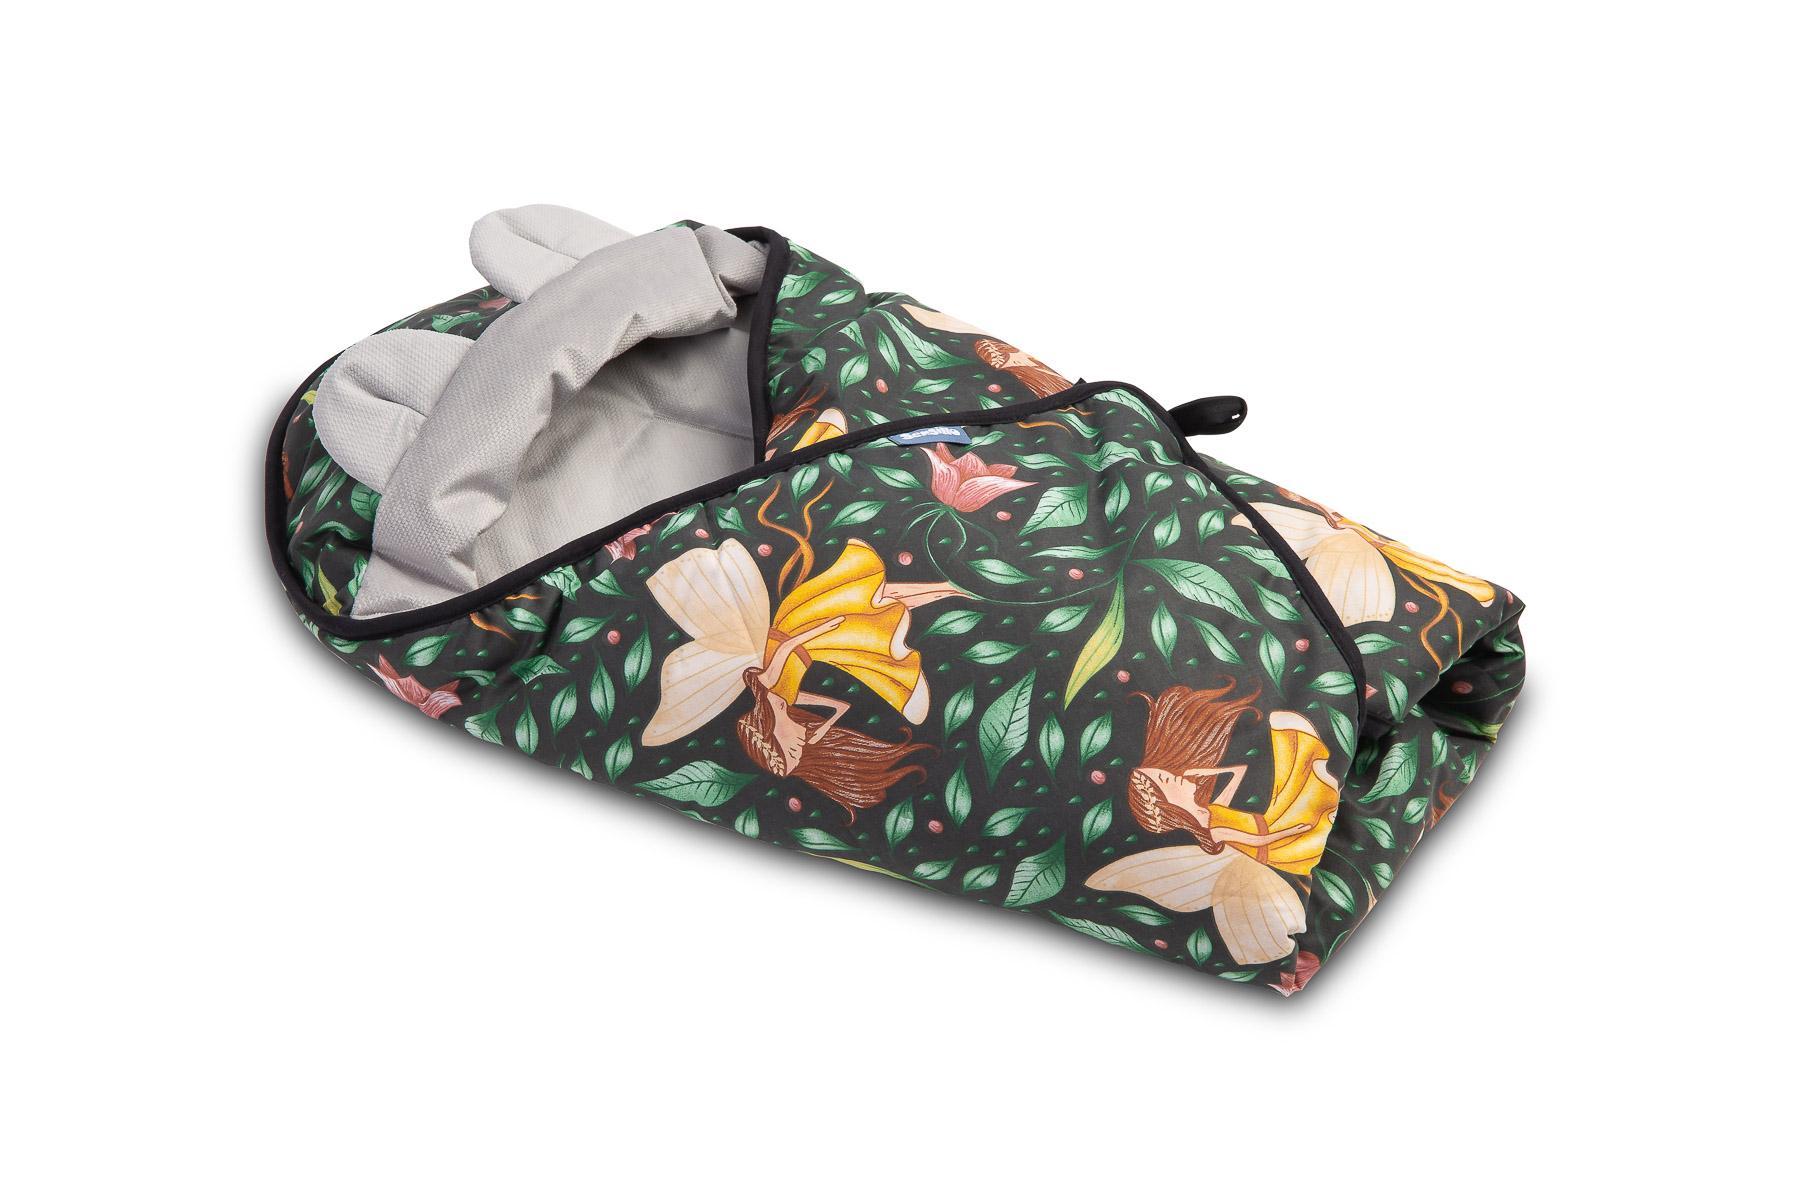 Velvet carry-cot swaddle blanket – green fairies